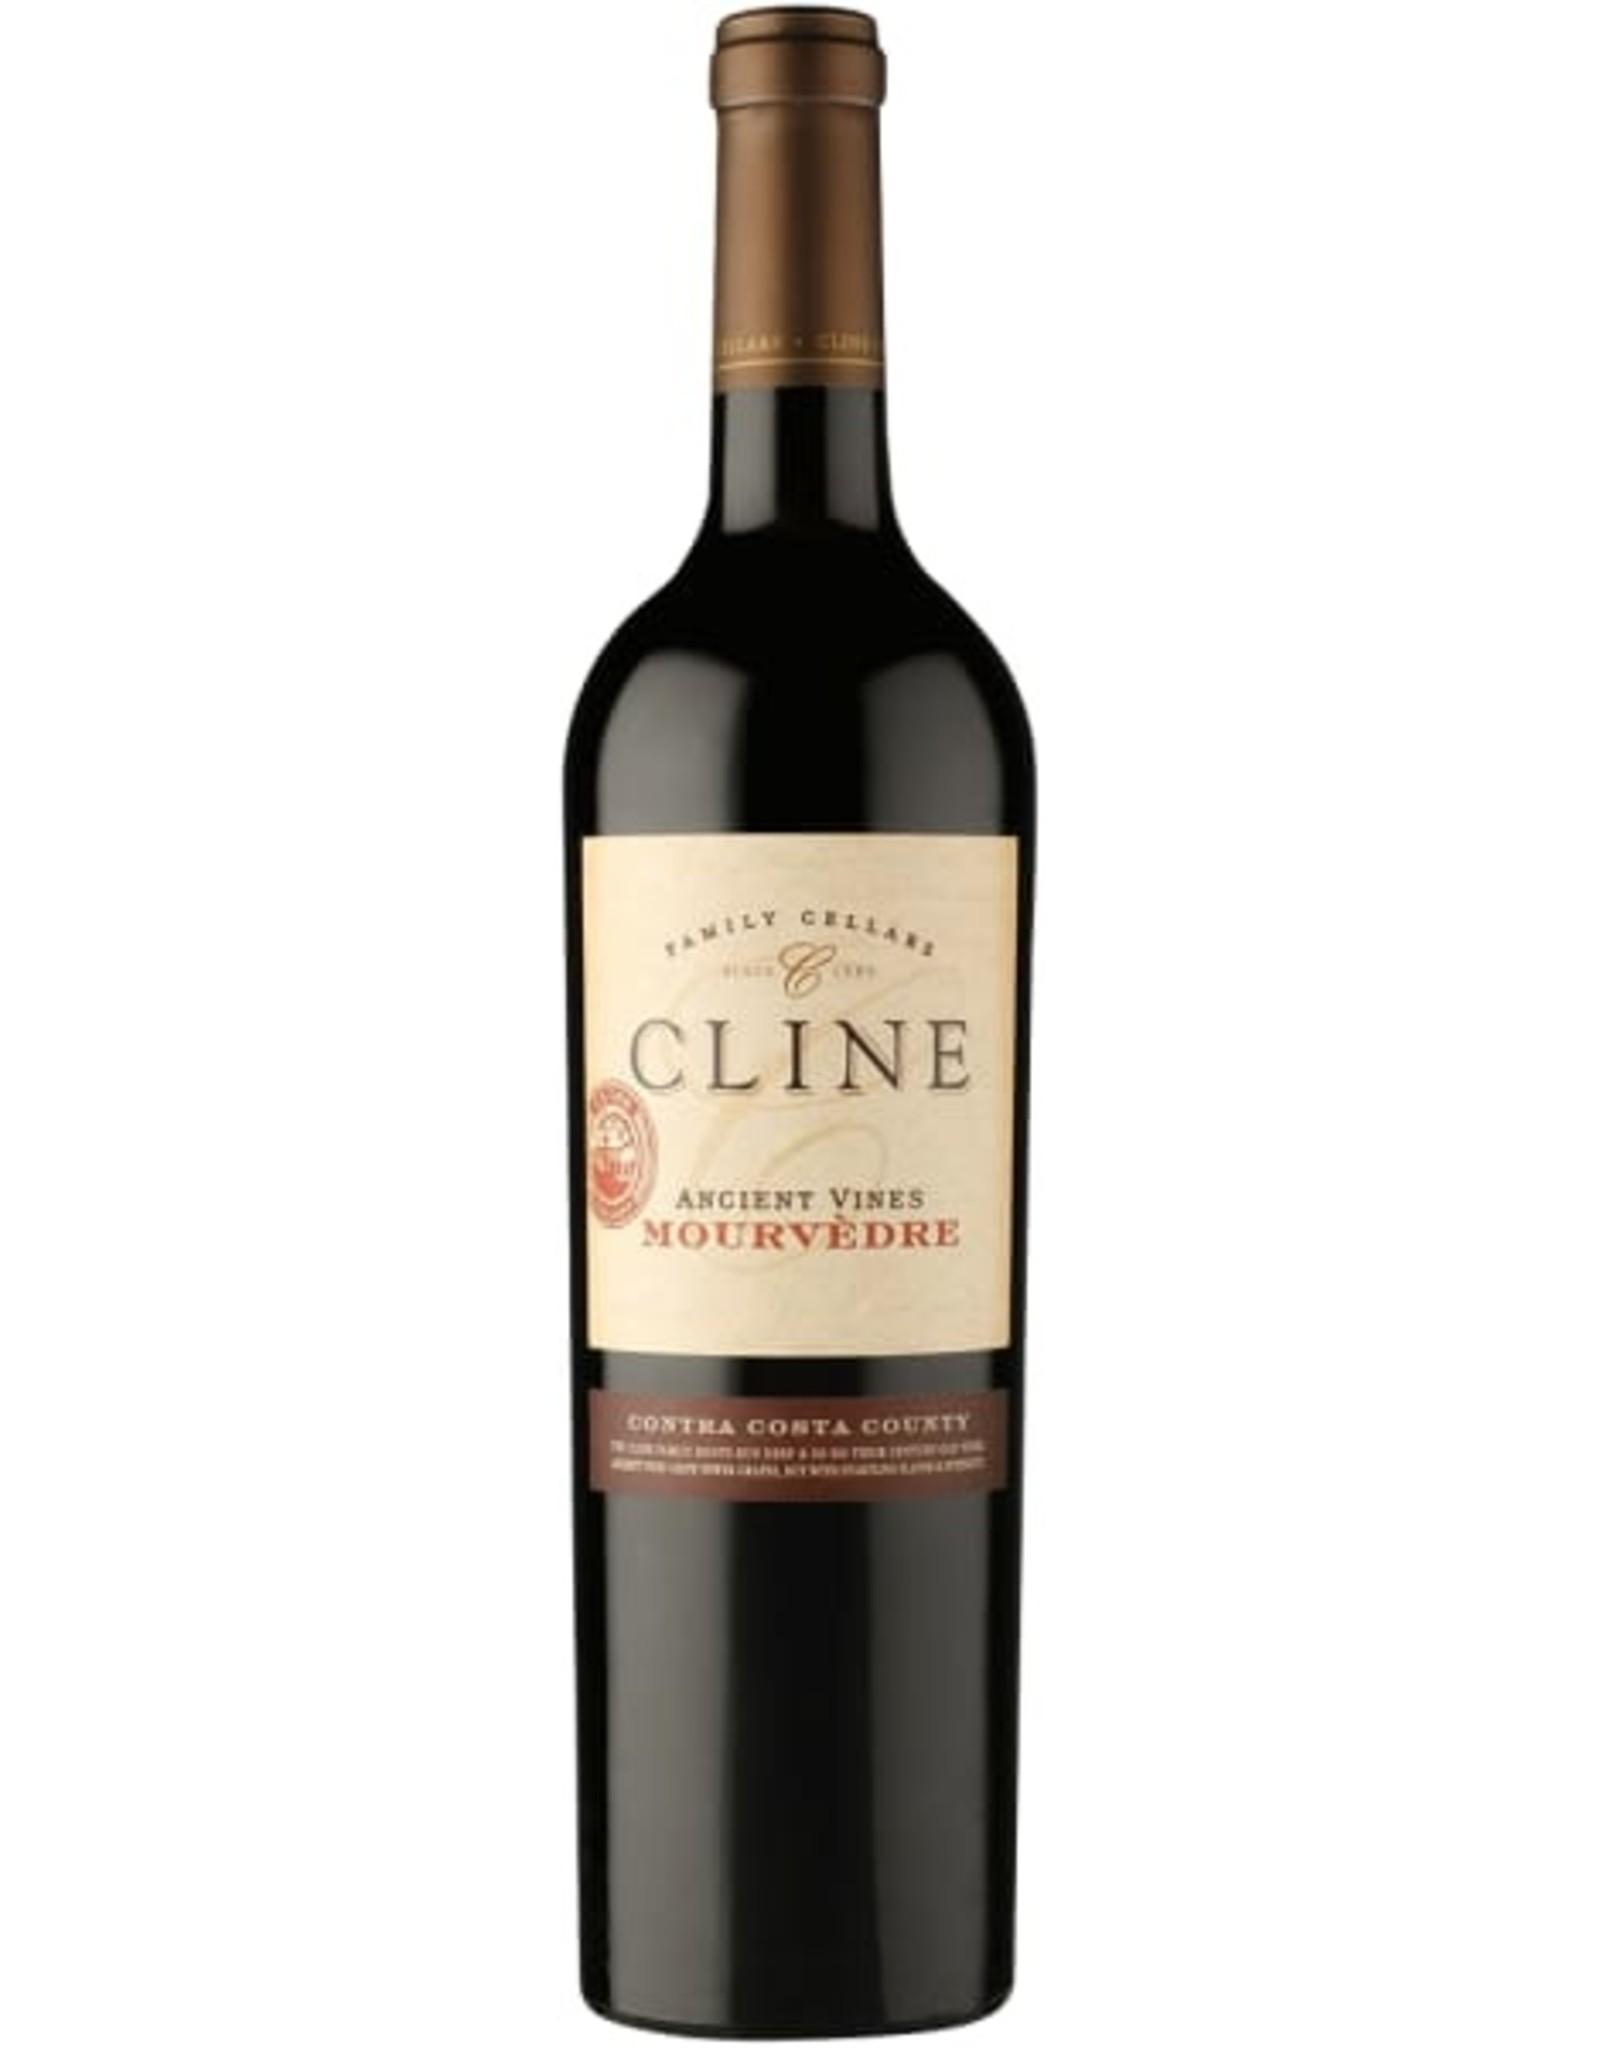 Cline Ancient Vines Mourvedre